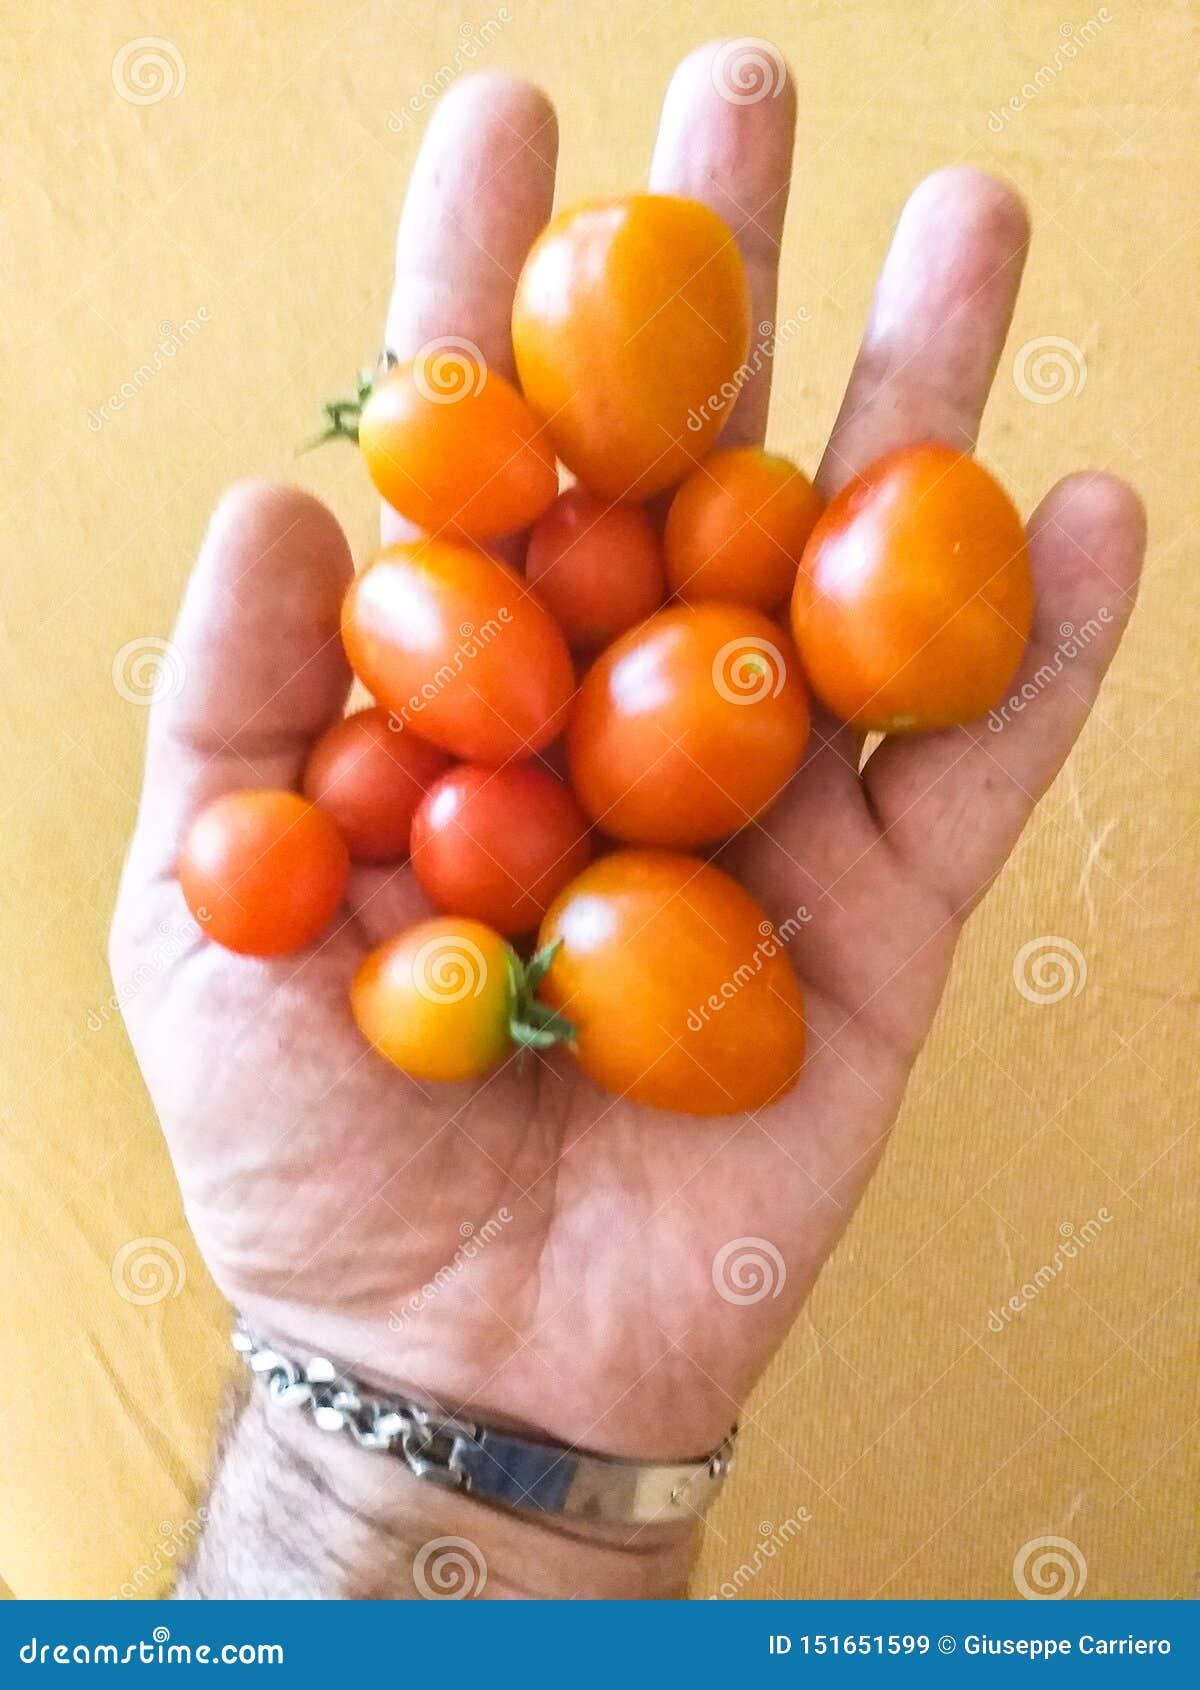 O lycopersicum do Solanum do tomate, L 1753 - identificado de acordo com o código internacional da nomenclatura botânica ICBN Sp